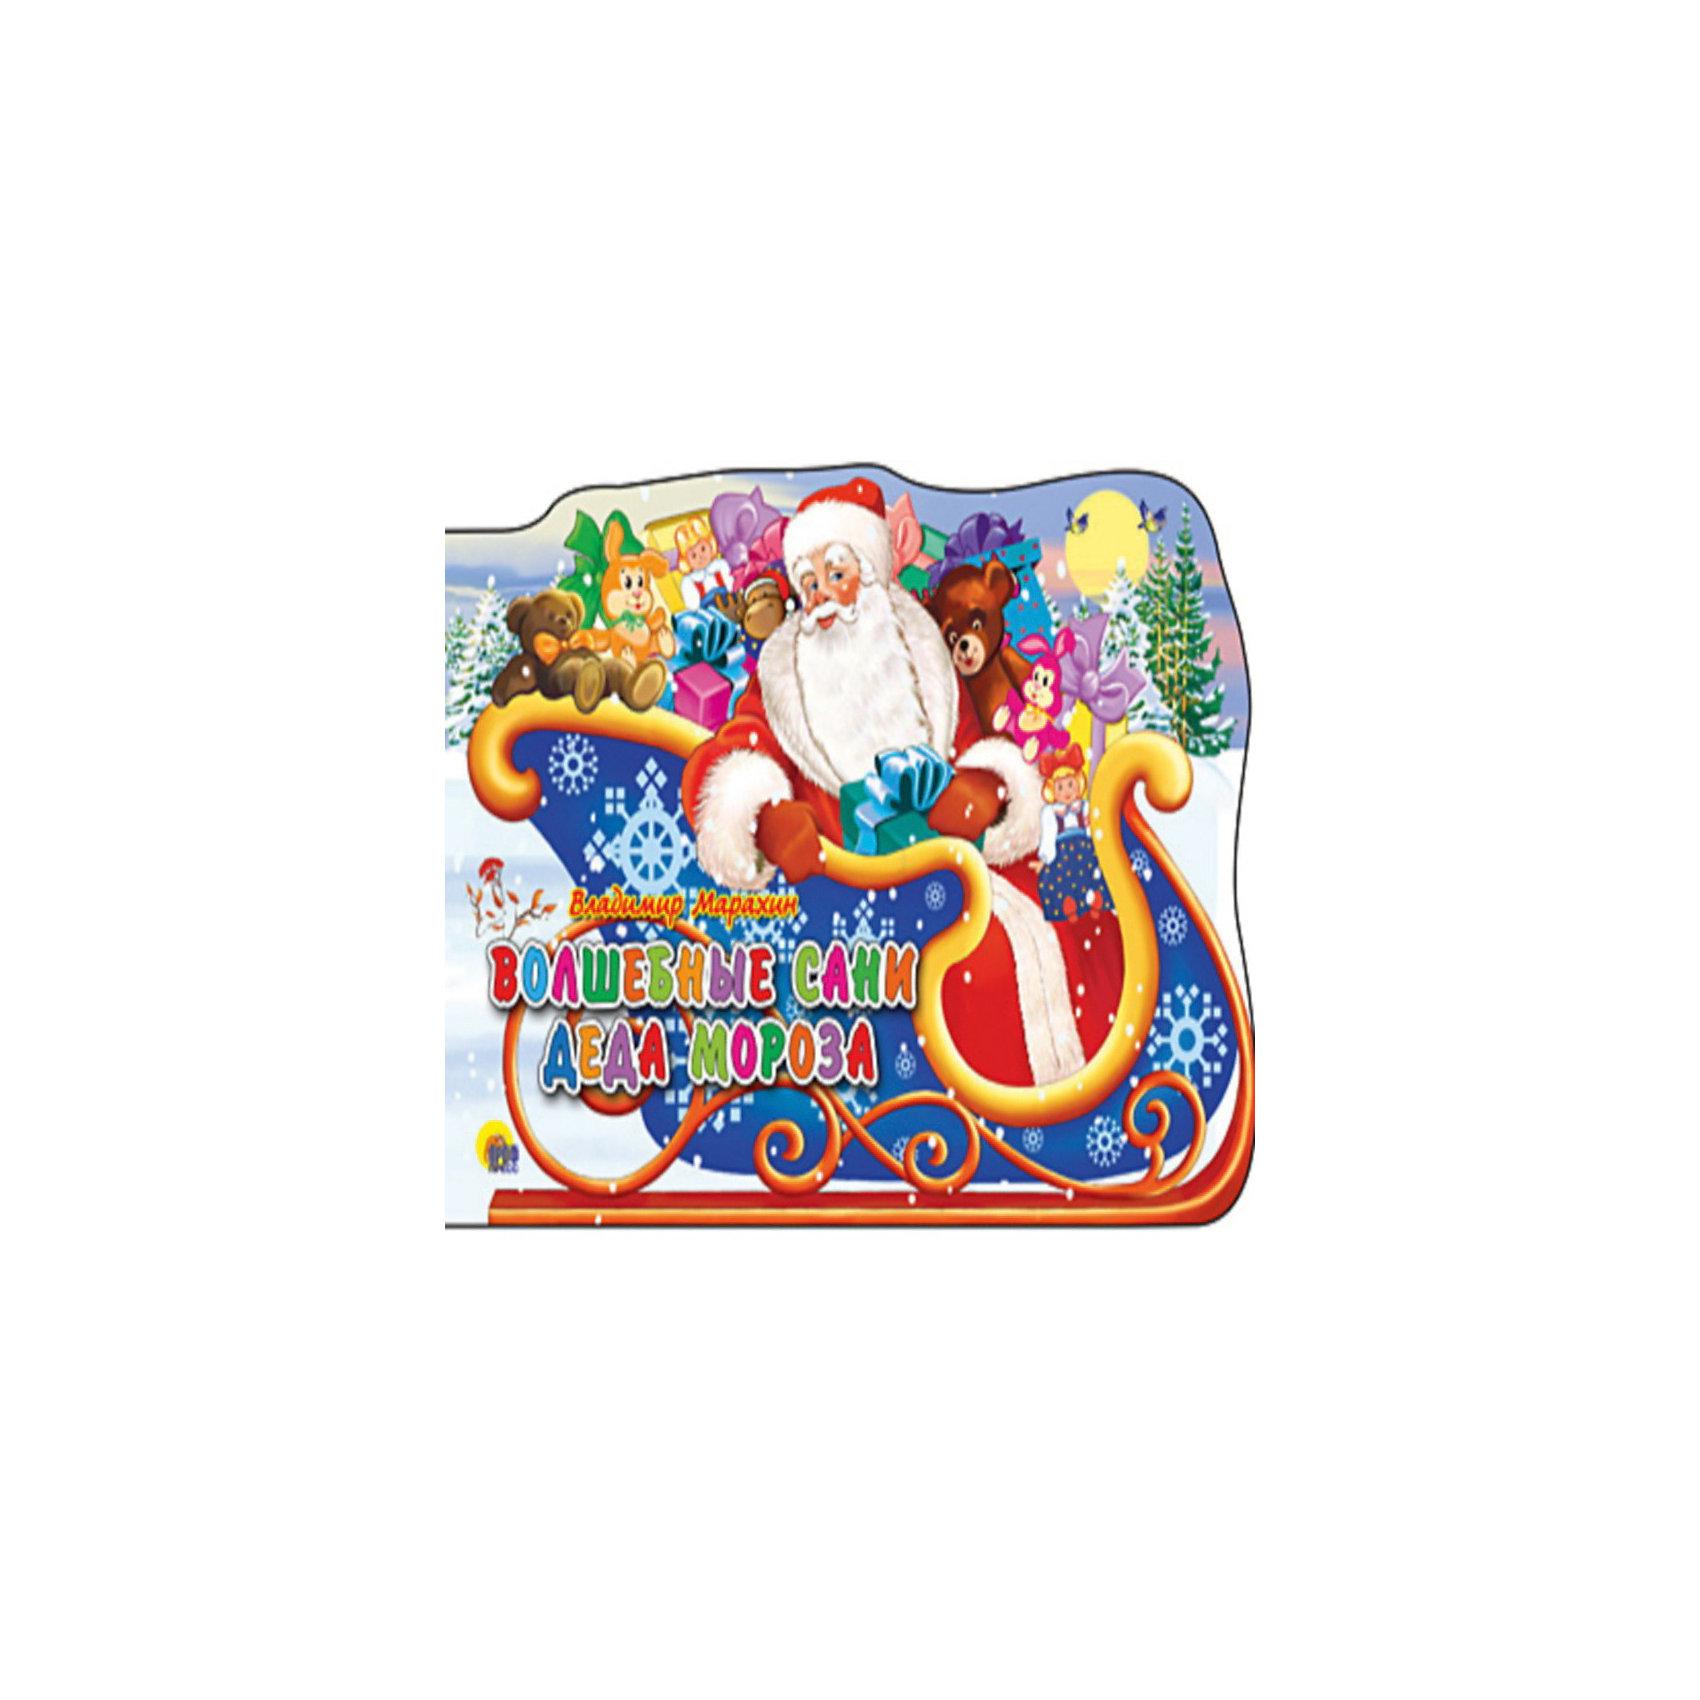 Волшебные сани Деда МорозаКнига из серии  Вырубки на картоне новогодние, выполненная в форме саней обязательно понравится самым юным читателям. Яркие и красочный иллюстрации порадуют вашего ребенка и позволят ему совершить незабываемое путешествие вместе с Дедом Морозом. <br><br>Дополнительная информация:<br><br>- Формат: 150x220 мм<br>- Количество страниц: 10 страниц<br>- Переплет: жесткий<br>- Автор: Марахин В <br>- Иллюстратор: Шульга Е<br>- Иллюстрации: цветные<br>- Книга в форме саней<br><br>Книгу Волшебные сани Деда Мороза, Проф-пресс можно купить в нашем магазине<br><br>Ширина мм: 220<br>Глубина мм: 8<br>Высота мм: 150<br>Вес г: 119<br>Возраст от месяцев: 24<br>Возраст до месяцев: 60<br>Пол: Унисекс<br>Возраст: Детский<br>SKU: 3850311